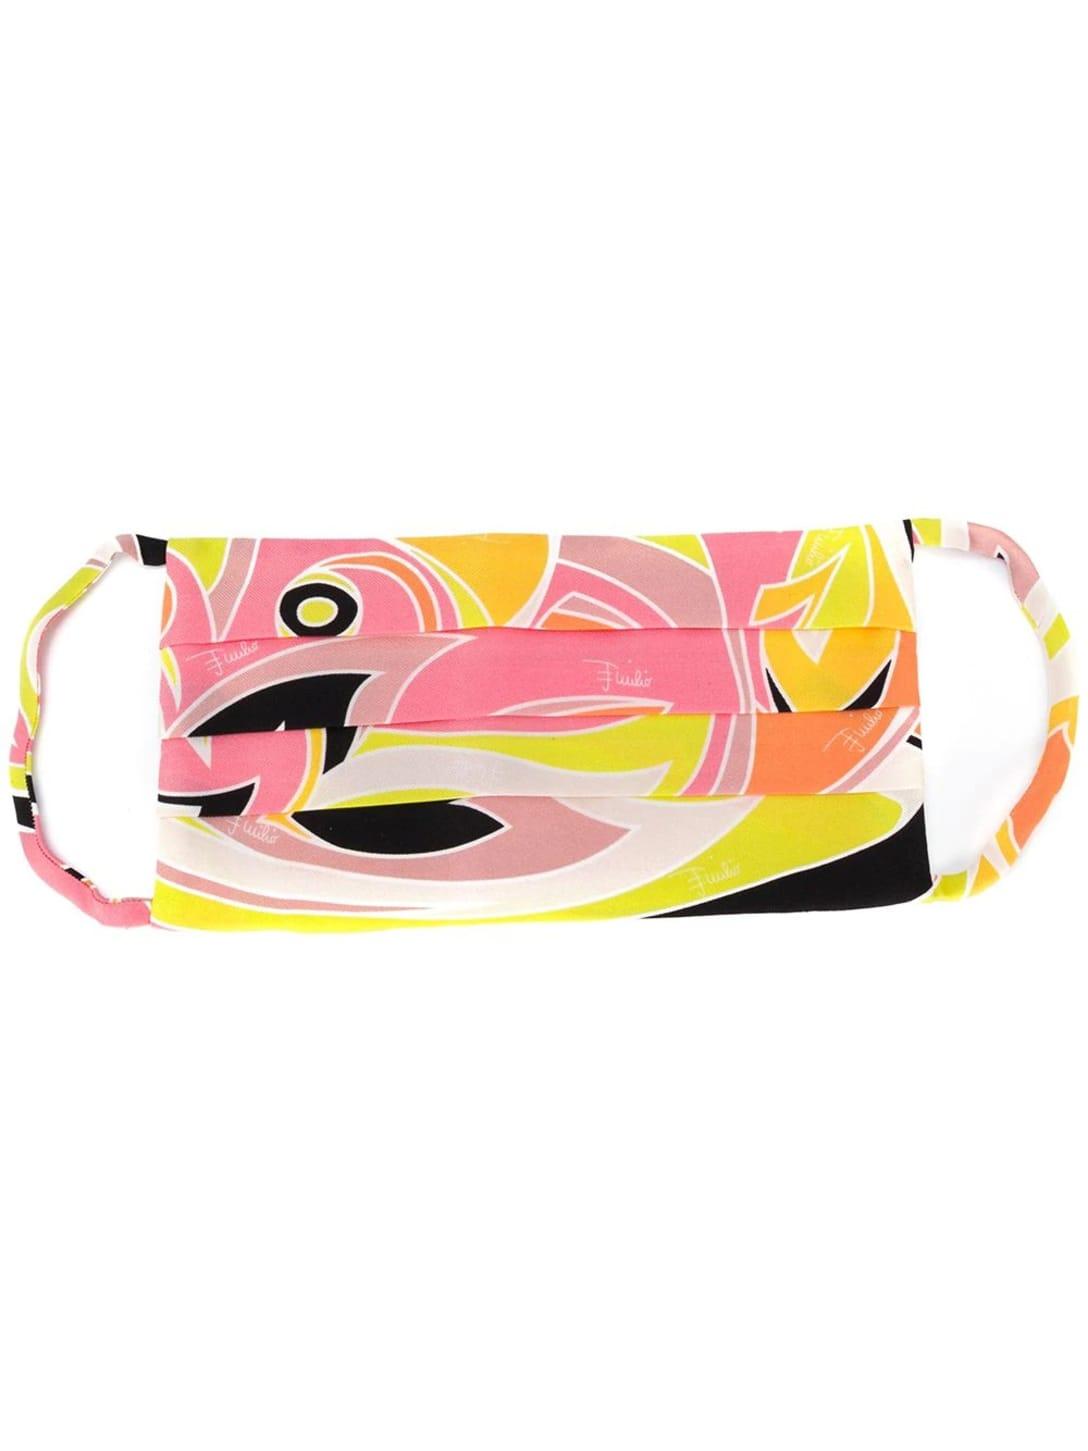 エミリオ・プッチ プリント マスク ¥14,300